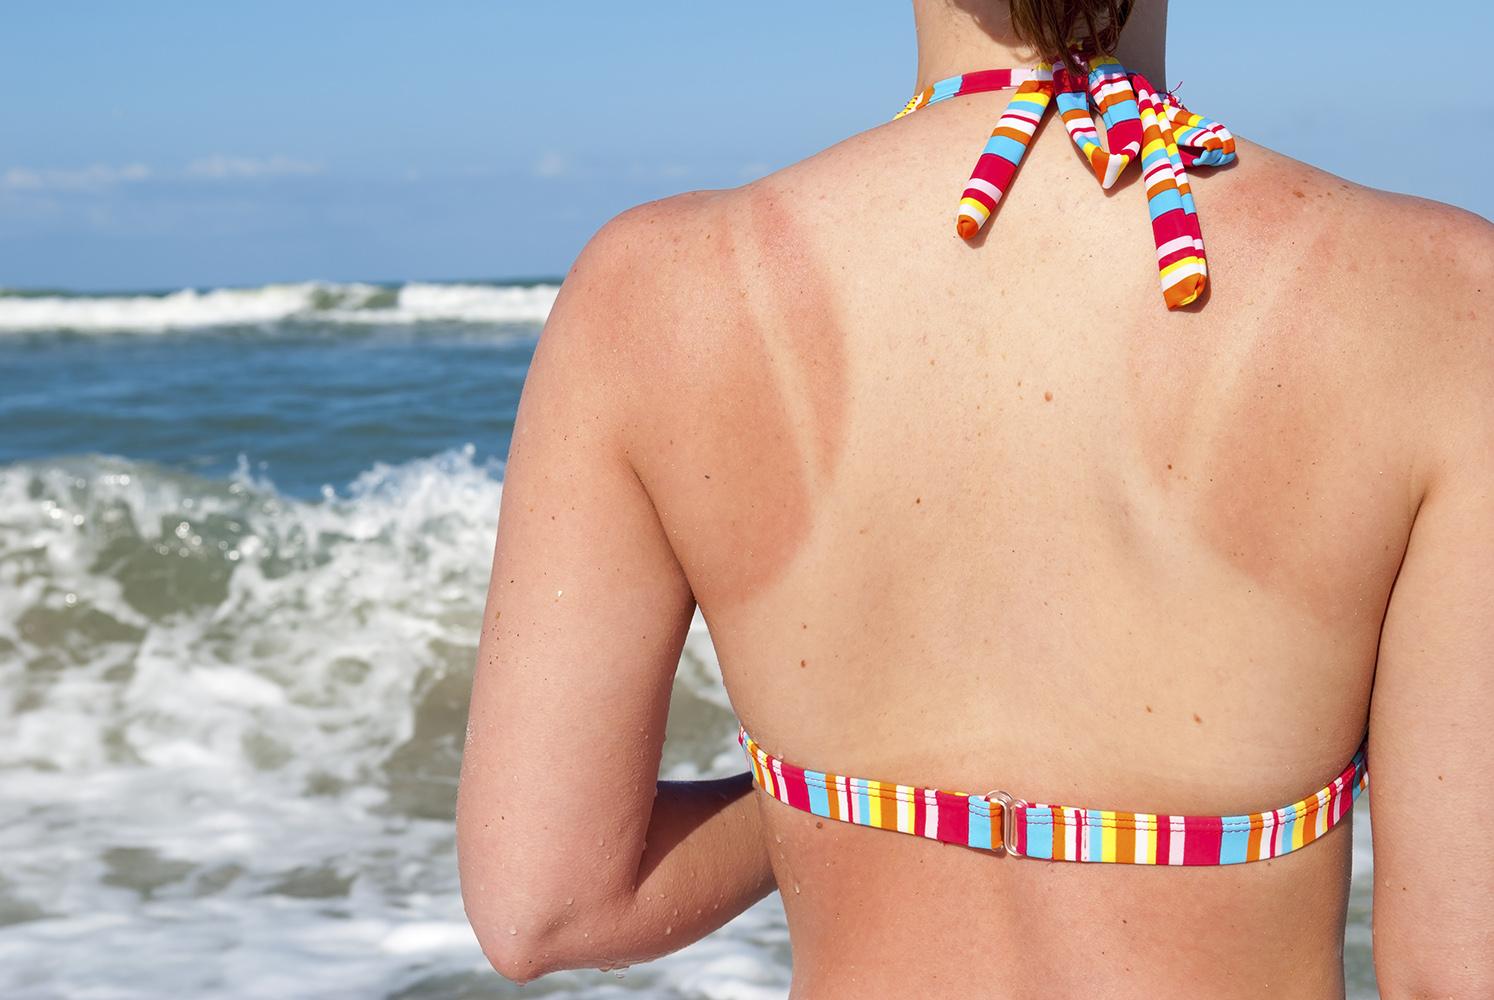 Cấp cứu làn da cháy nắng bằng những cách nhanh gọn và hiệu quả nhất - Ảnh 1.